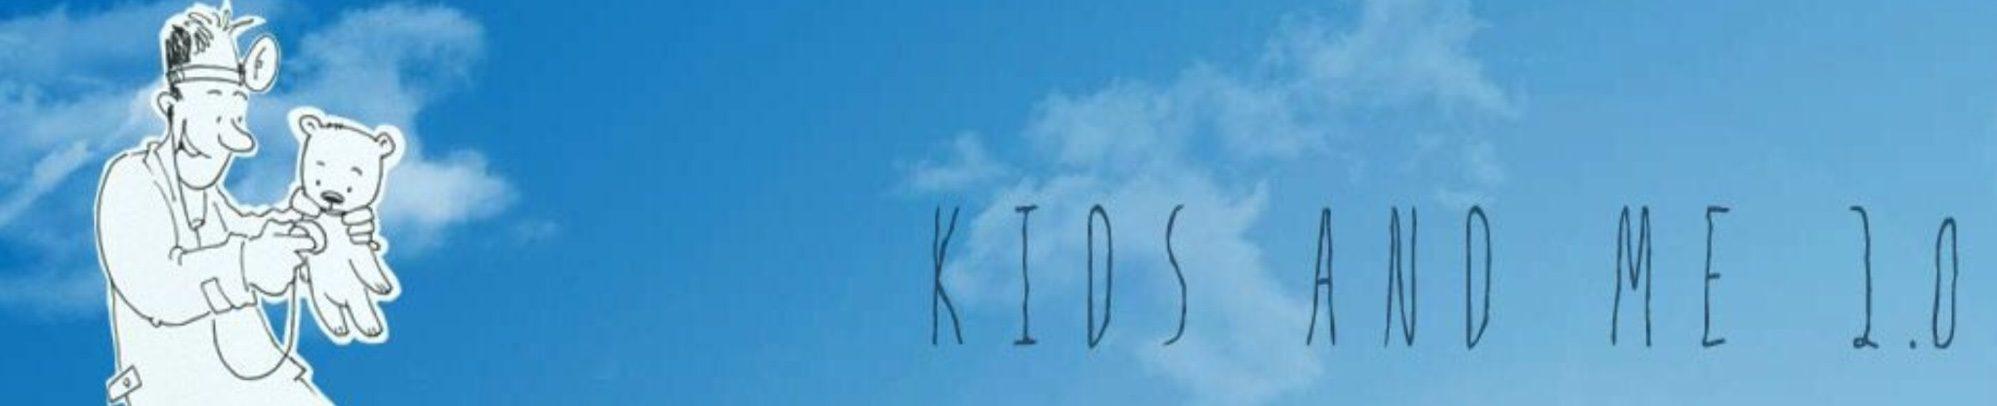 Kids and me 2.1